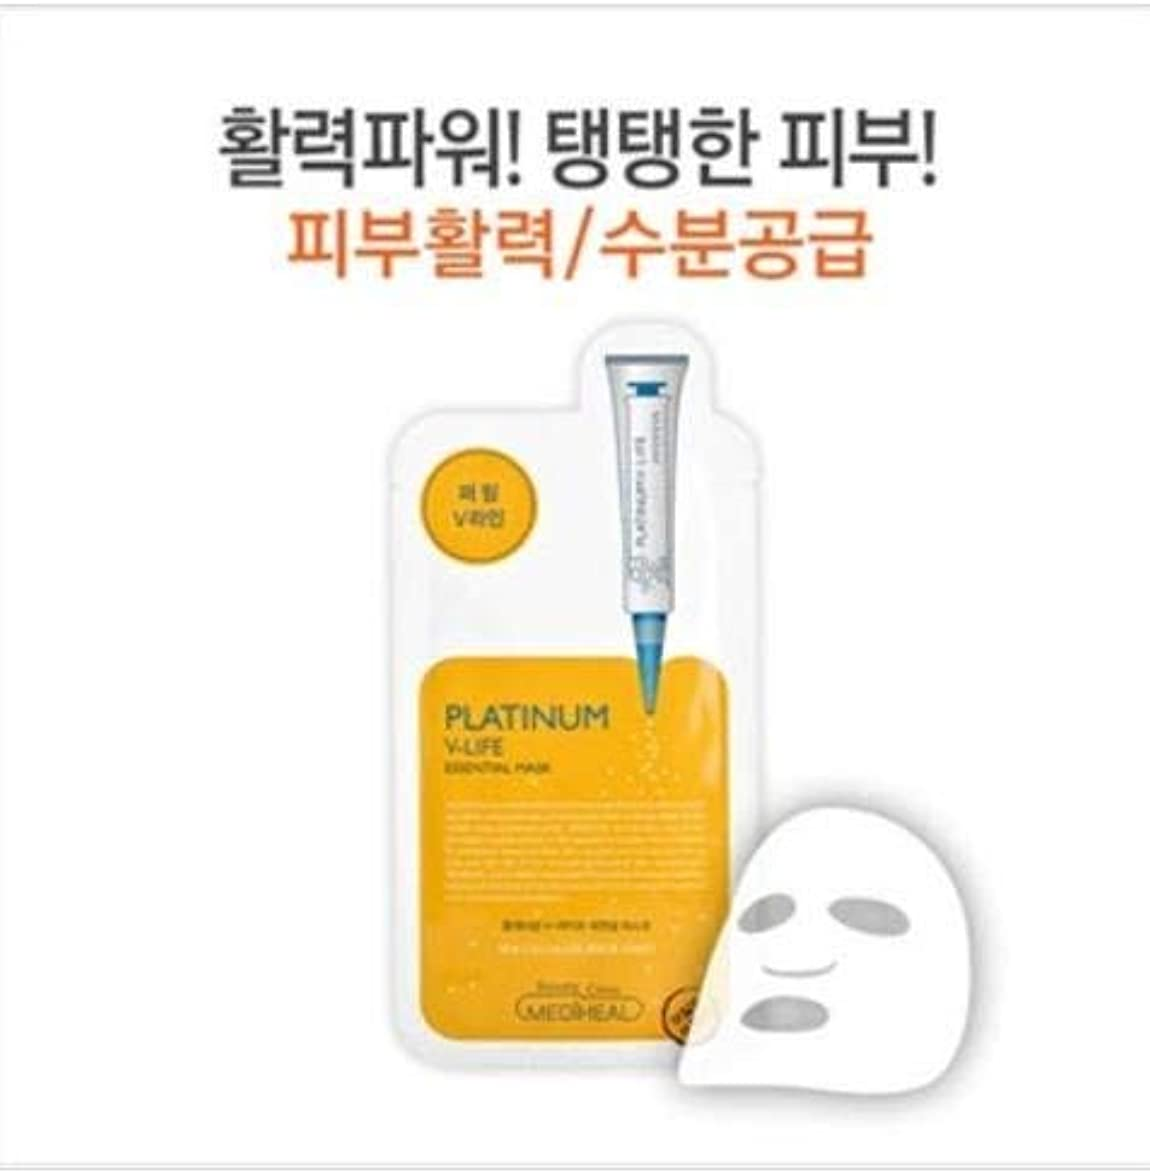 壊す関係する宿泊★大人気★[メディヒール] Mediheal [プラチナ V-ライフ エッセンシャル マスク (10枚)] (Platinum V-LIFE Essential Mask (10EA) [並行輸入品]